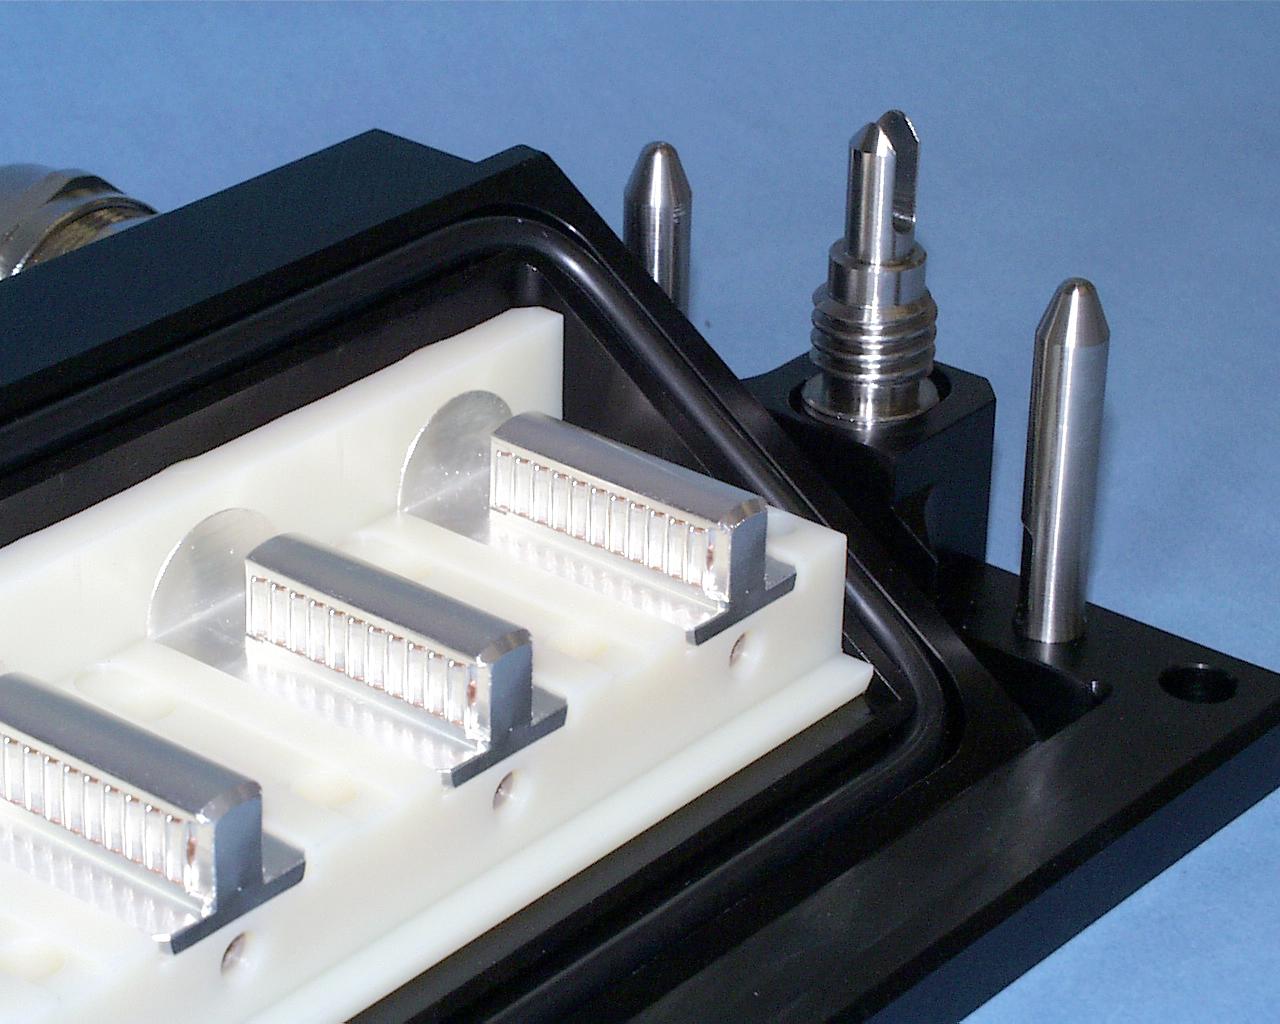 電機機関車モーター・ インバーター接続用防水ユニット ケーブル圧着型 プラグ&ソケット